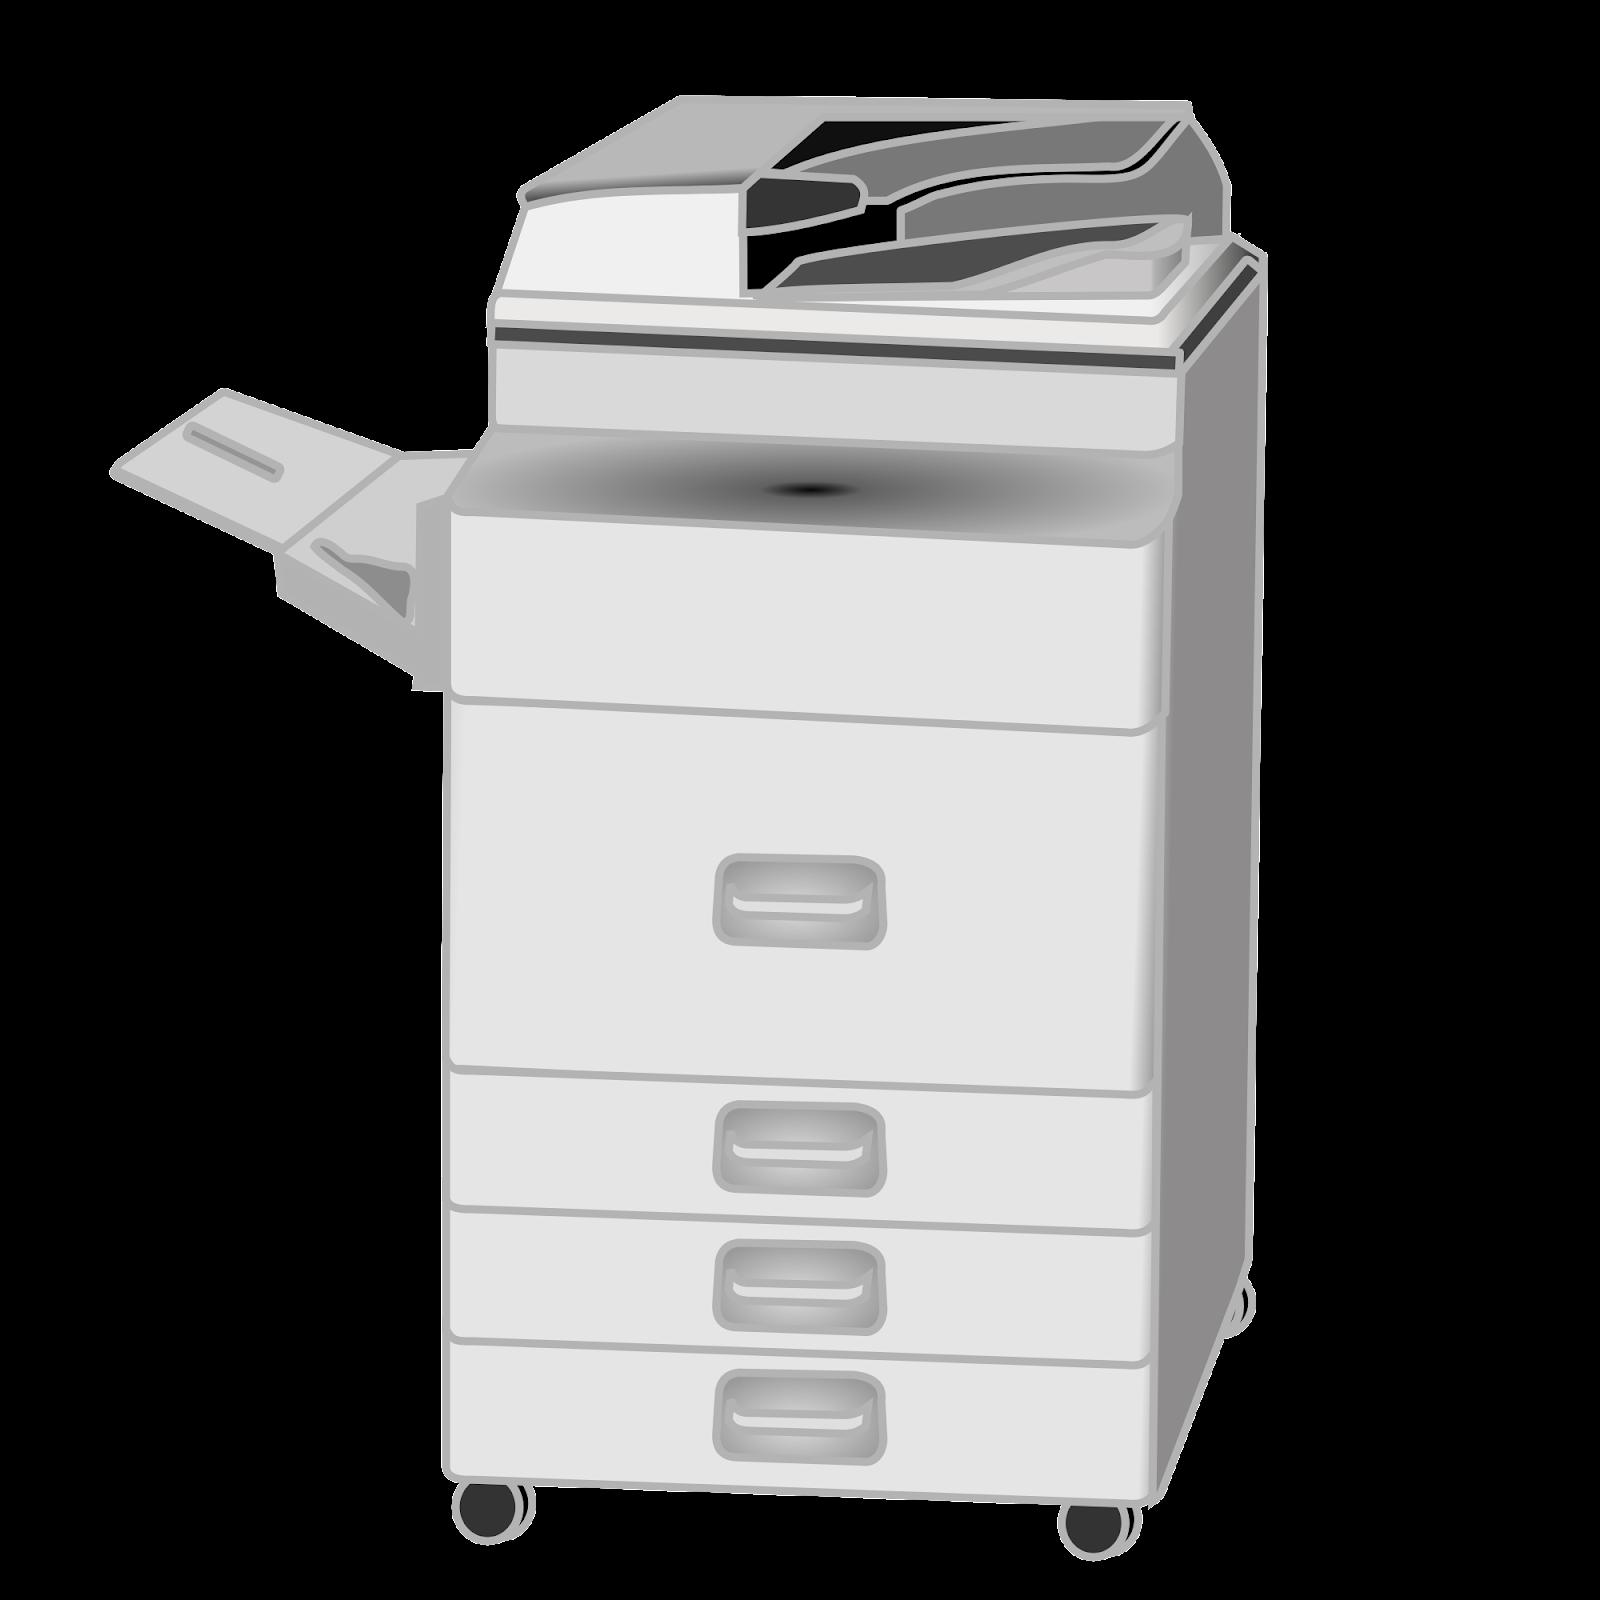 File:Icon Copier.svg - Wikimedia Commons